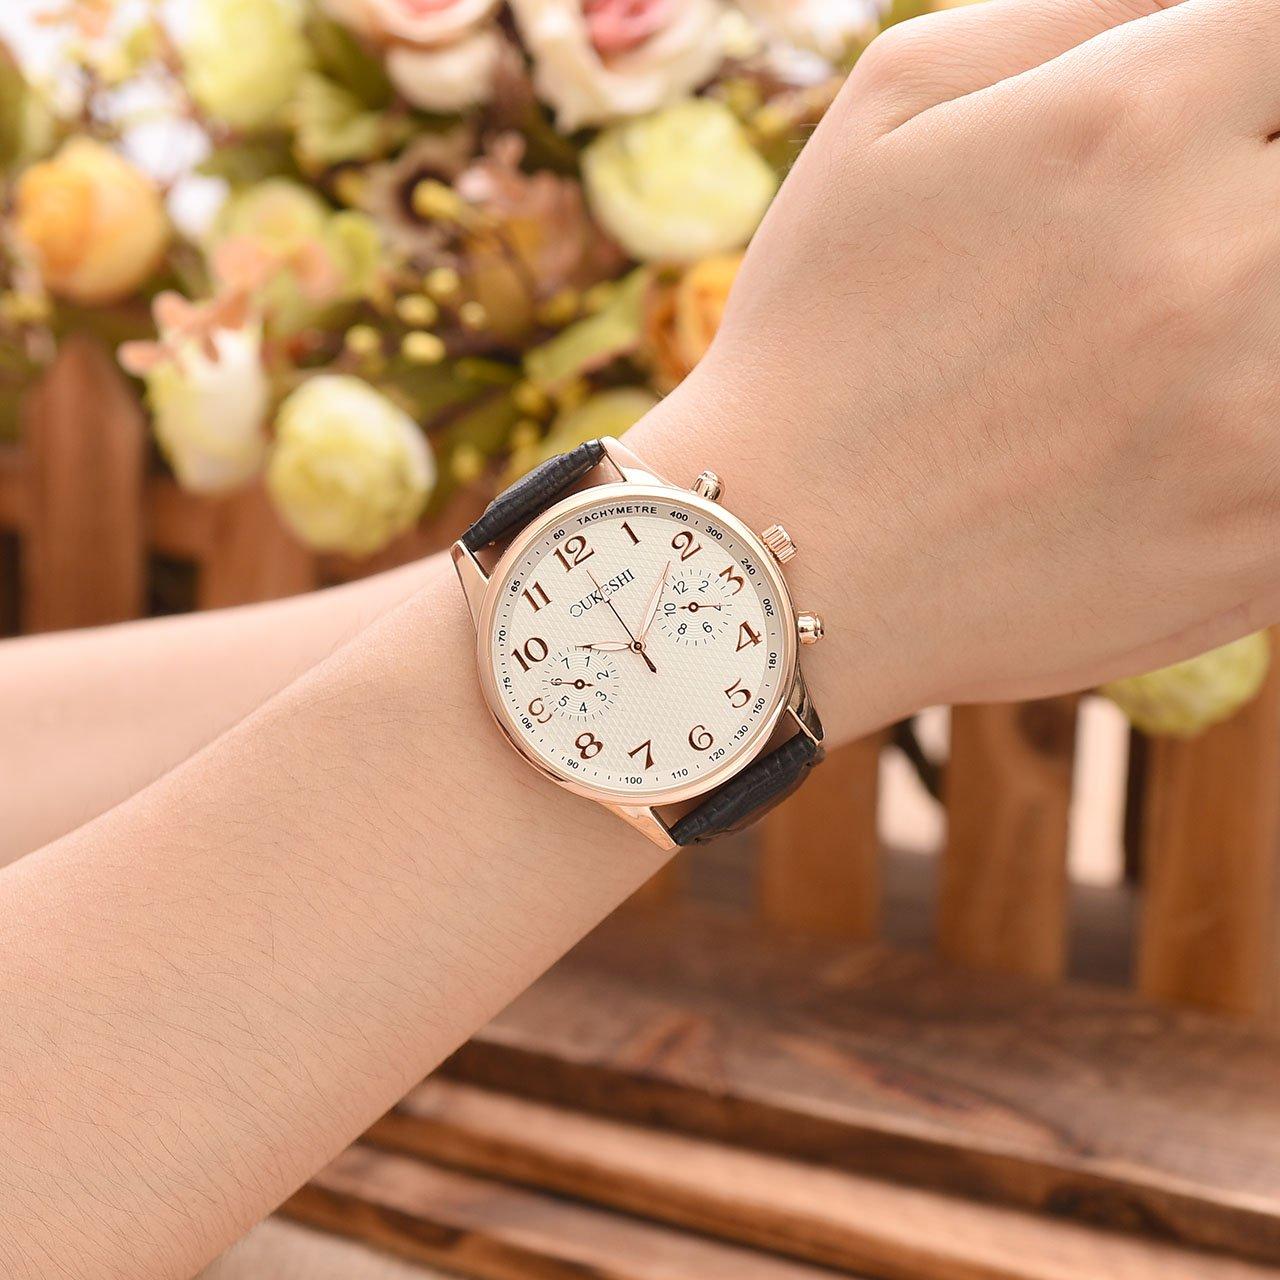 JSDDE Uhren,Herren Business Armbanduhr Arabische Ziffern Unecht Chronograph Wasserdicht Lederband Rosengold Analog Quarzuhr,Weiß+Schwarz